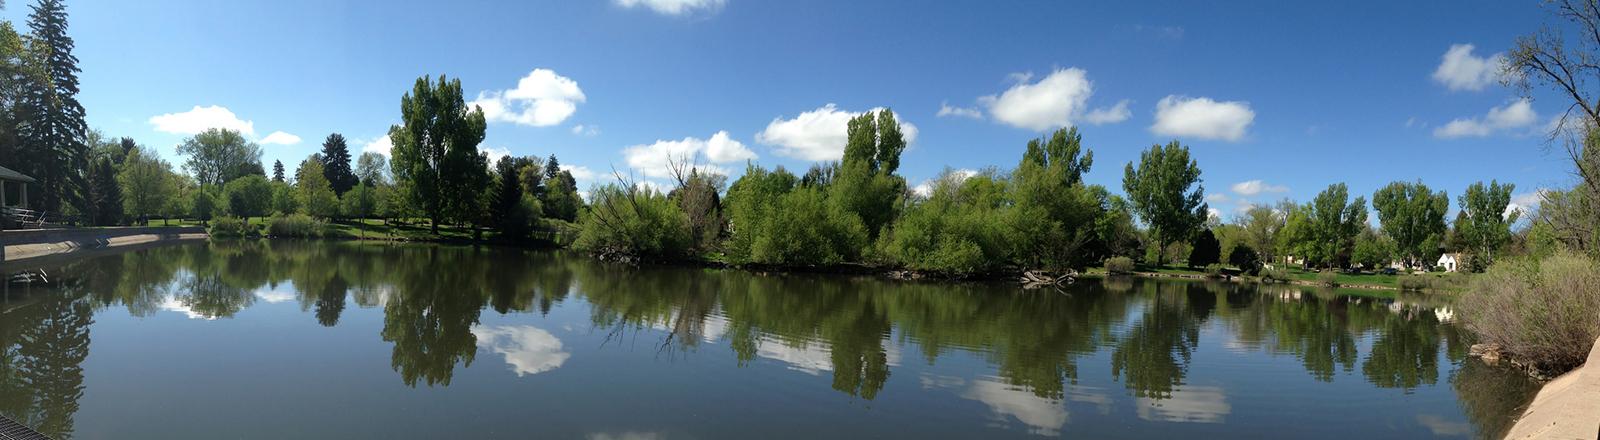 Glenmere Park Greeley